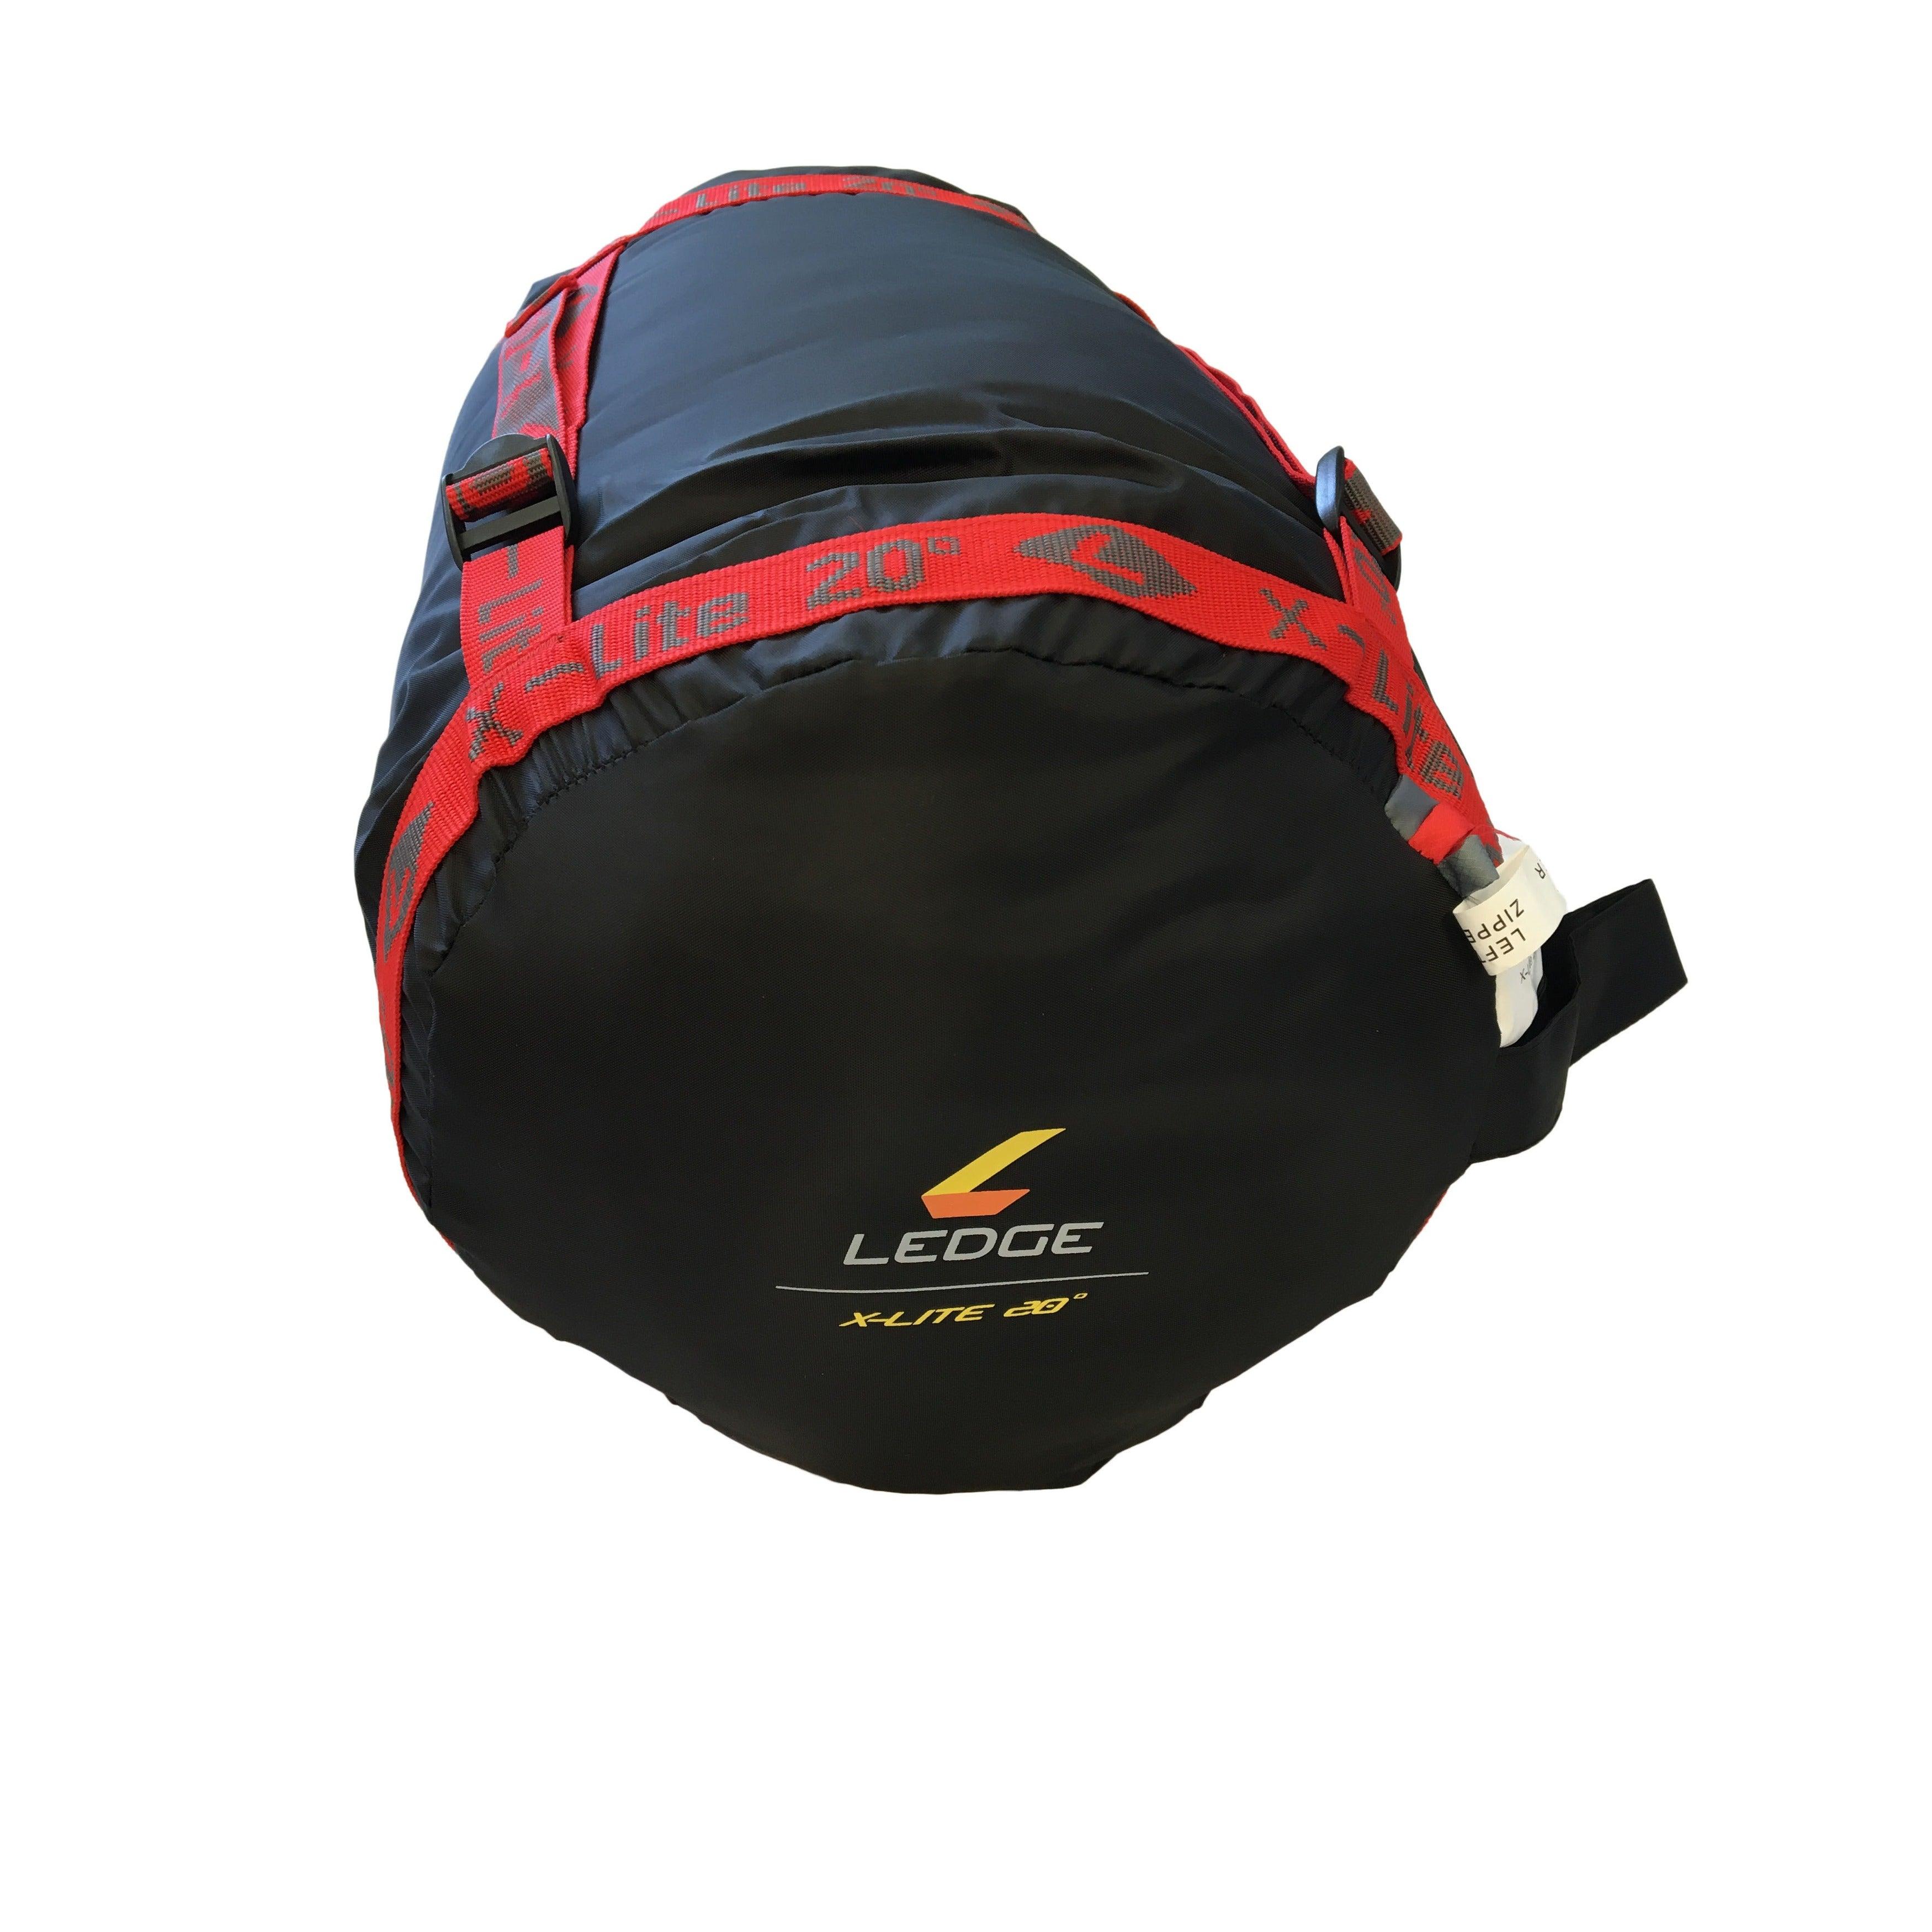 X Lite Ledge 20 Degree Oversize Ultra Light Sleeping Bag Blue